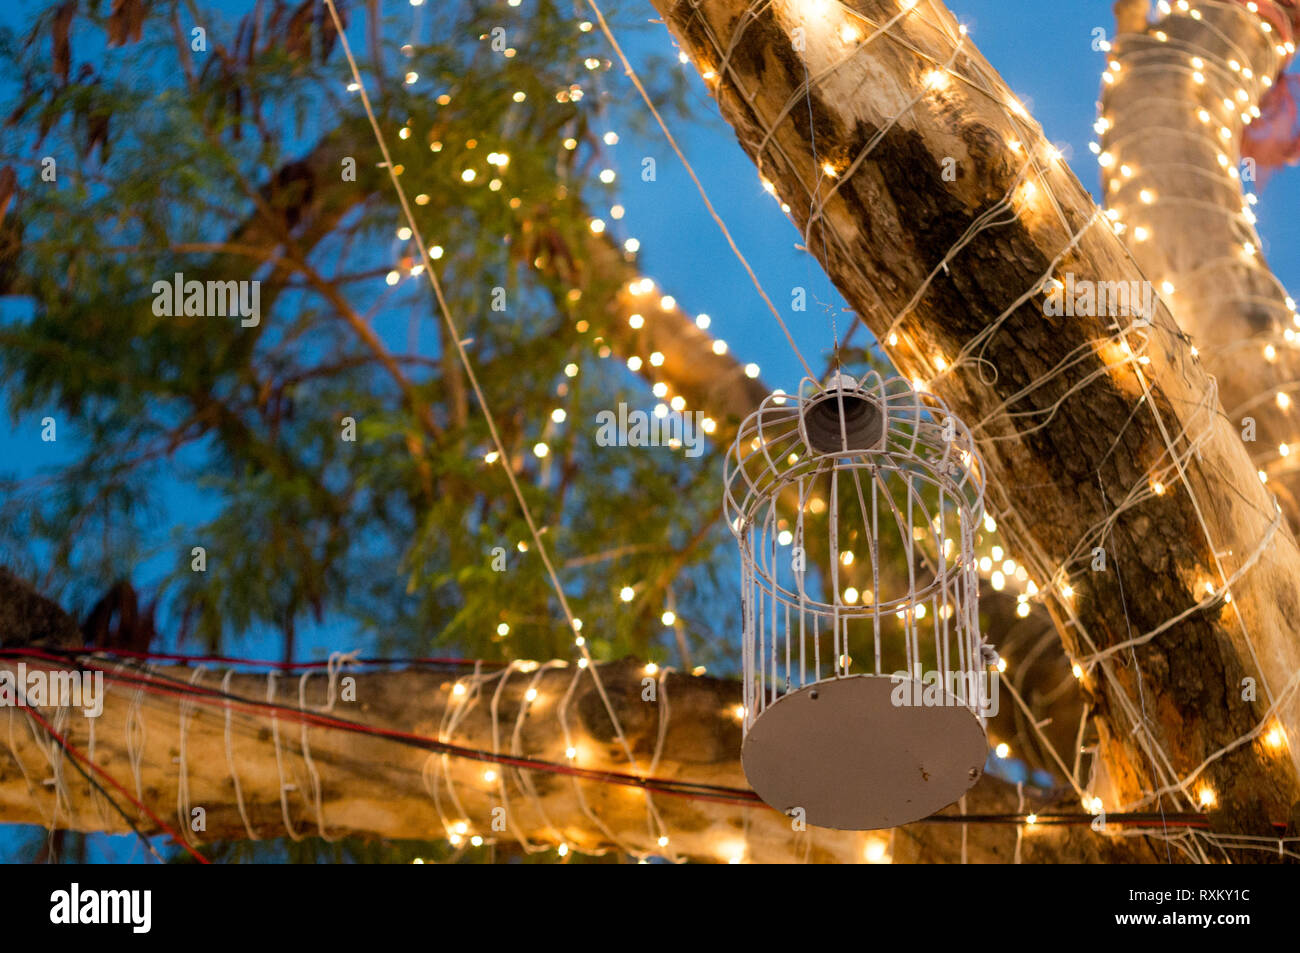 Cadena De árboles Cubiertos De Luces Y Whilte Jaulas Para